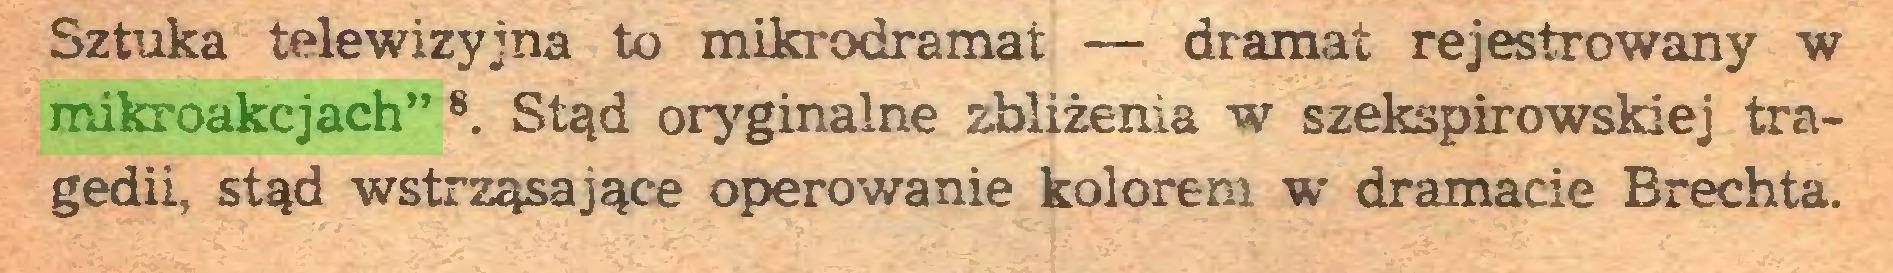 """(...) Sztuka telewizyjna to mikr odra mat — dramat rejestrowany w mikroakcjach"""" 8. Stąd oryginalne zbliżenia w szekspirowskiej tragedii, stąd wstrząsające operowanie kolorem w dramacie Brechta..."""